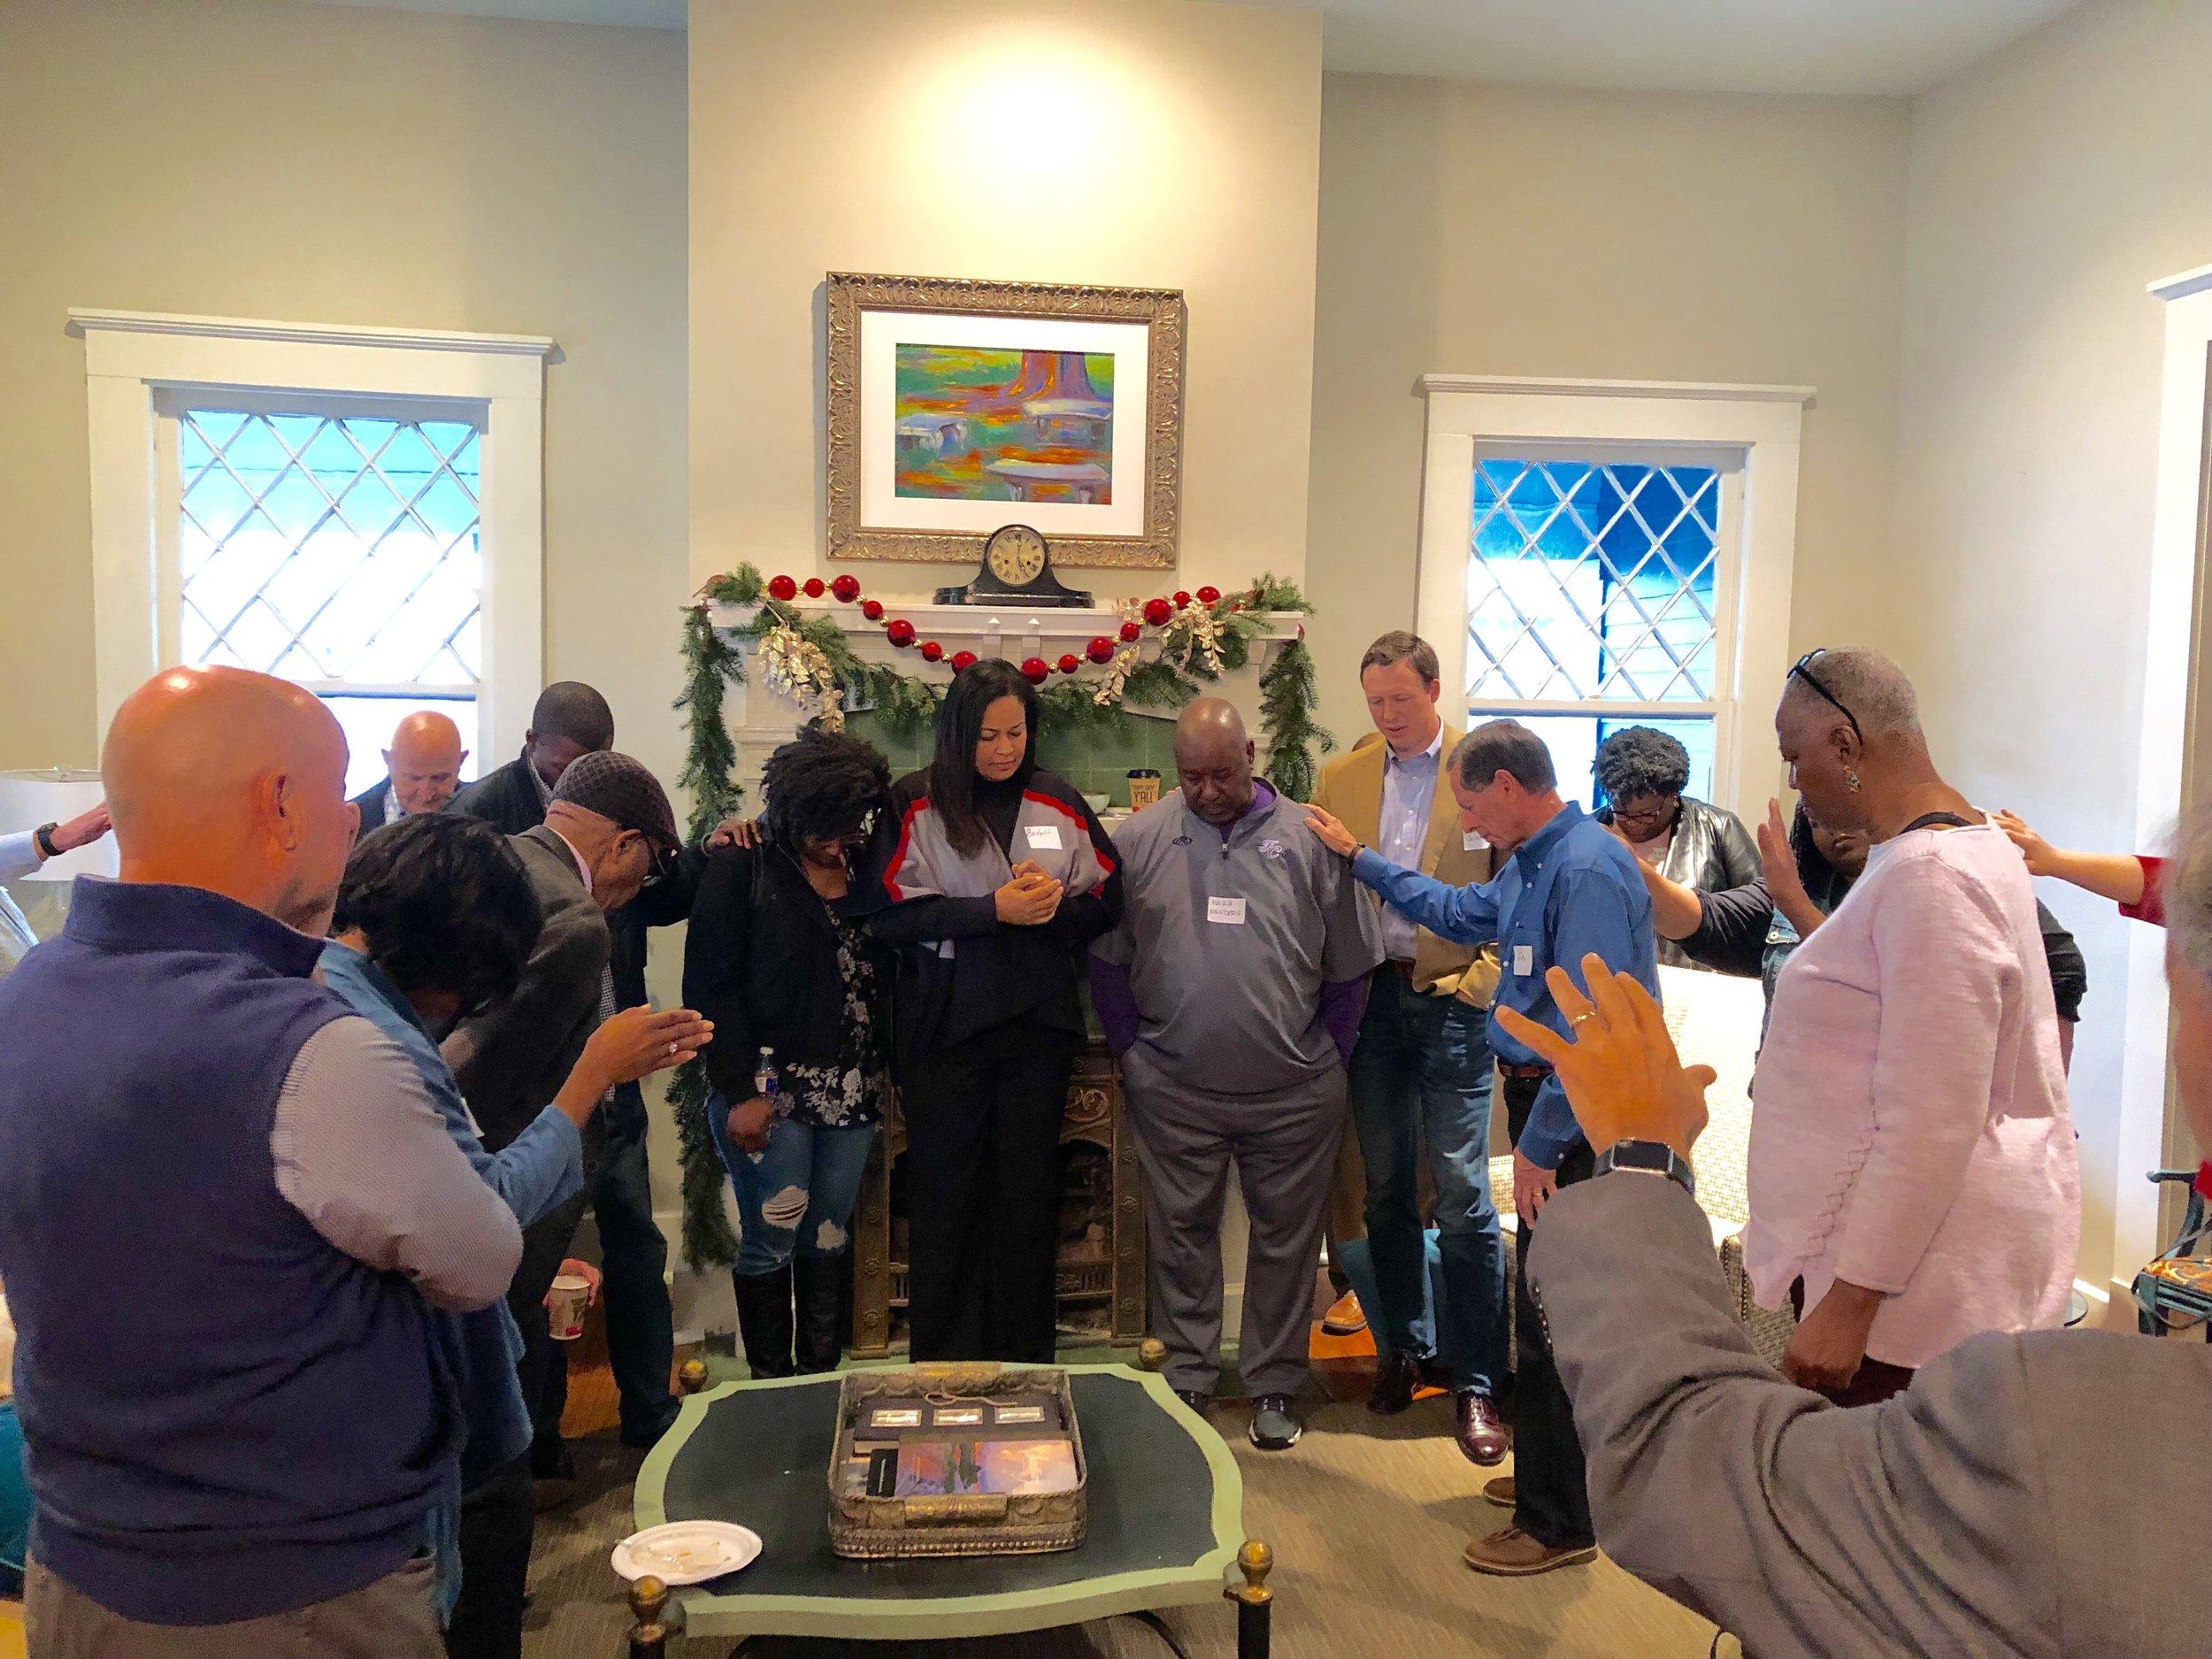 Prayer time at Life House for JLF's inner-city ministry partners